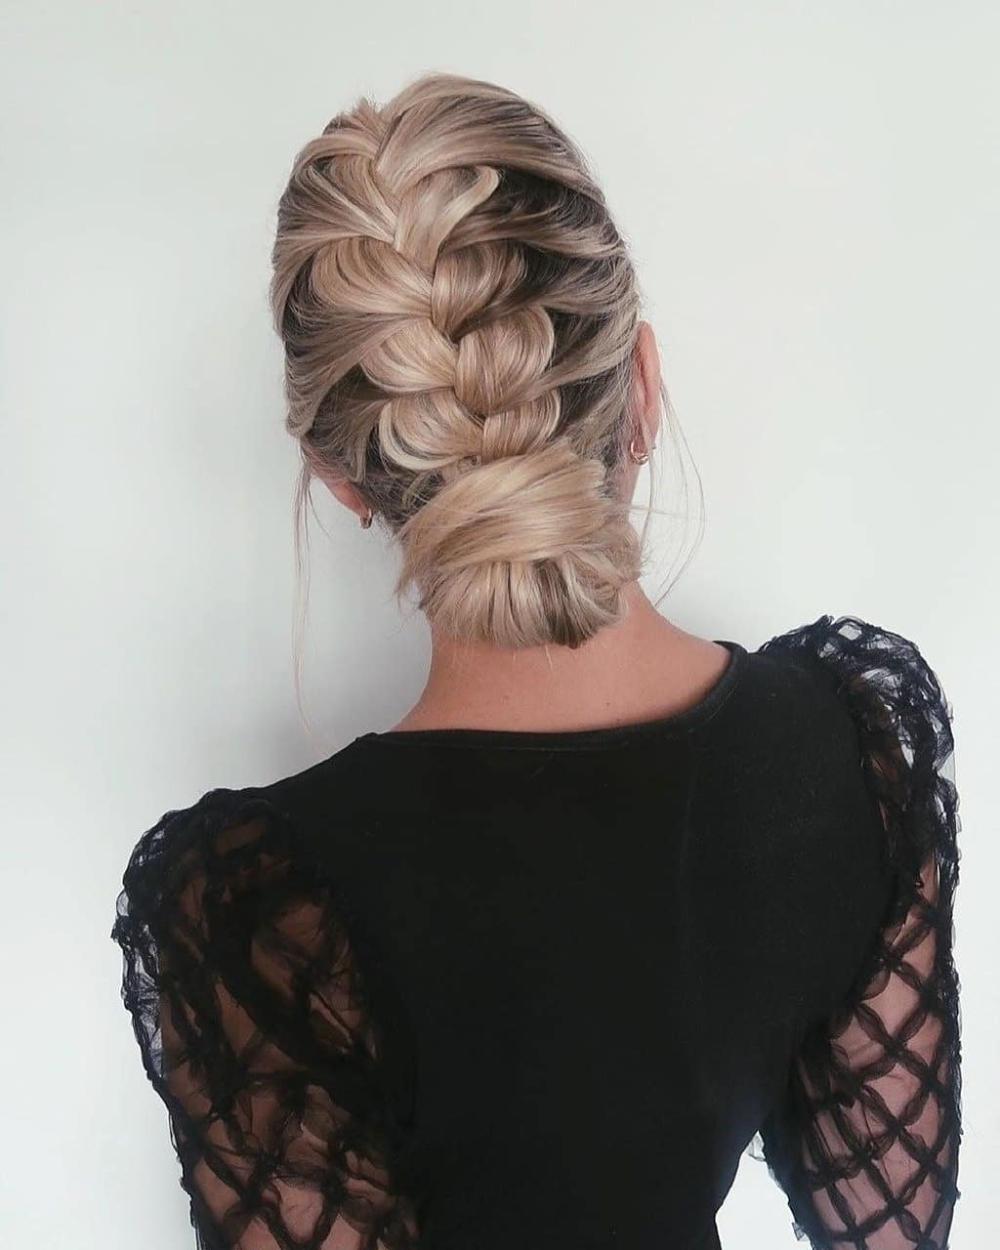 11 Supersüße Frisuren Zopf Für Frauen in 11  Hair styles